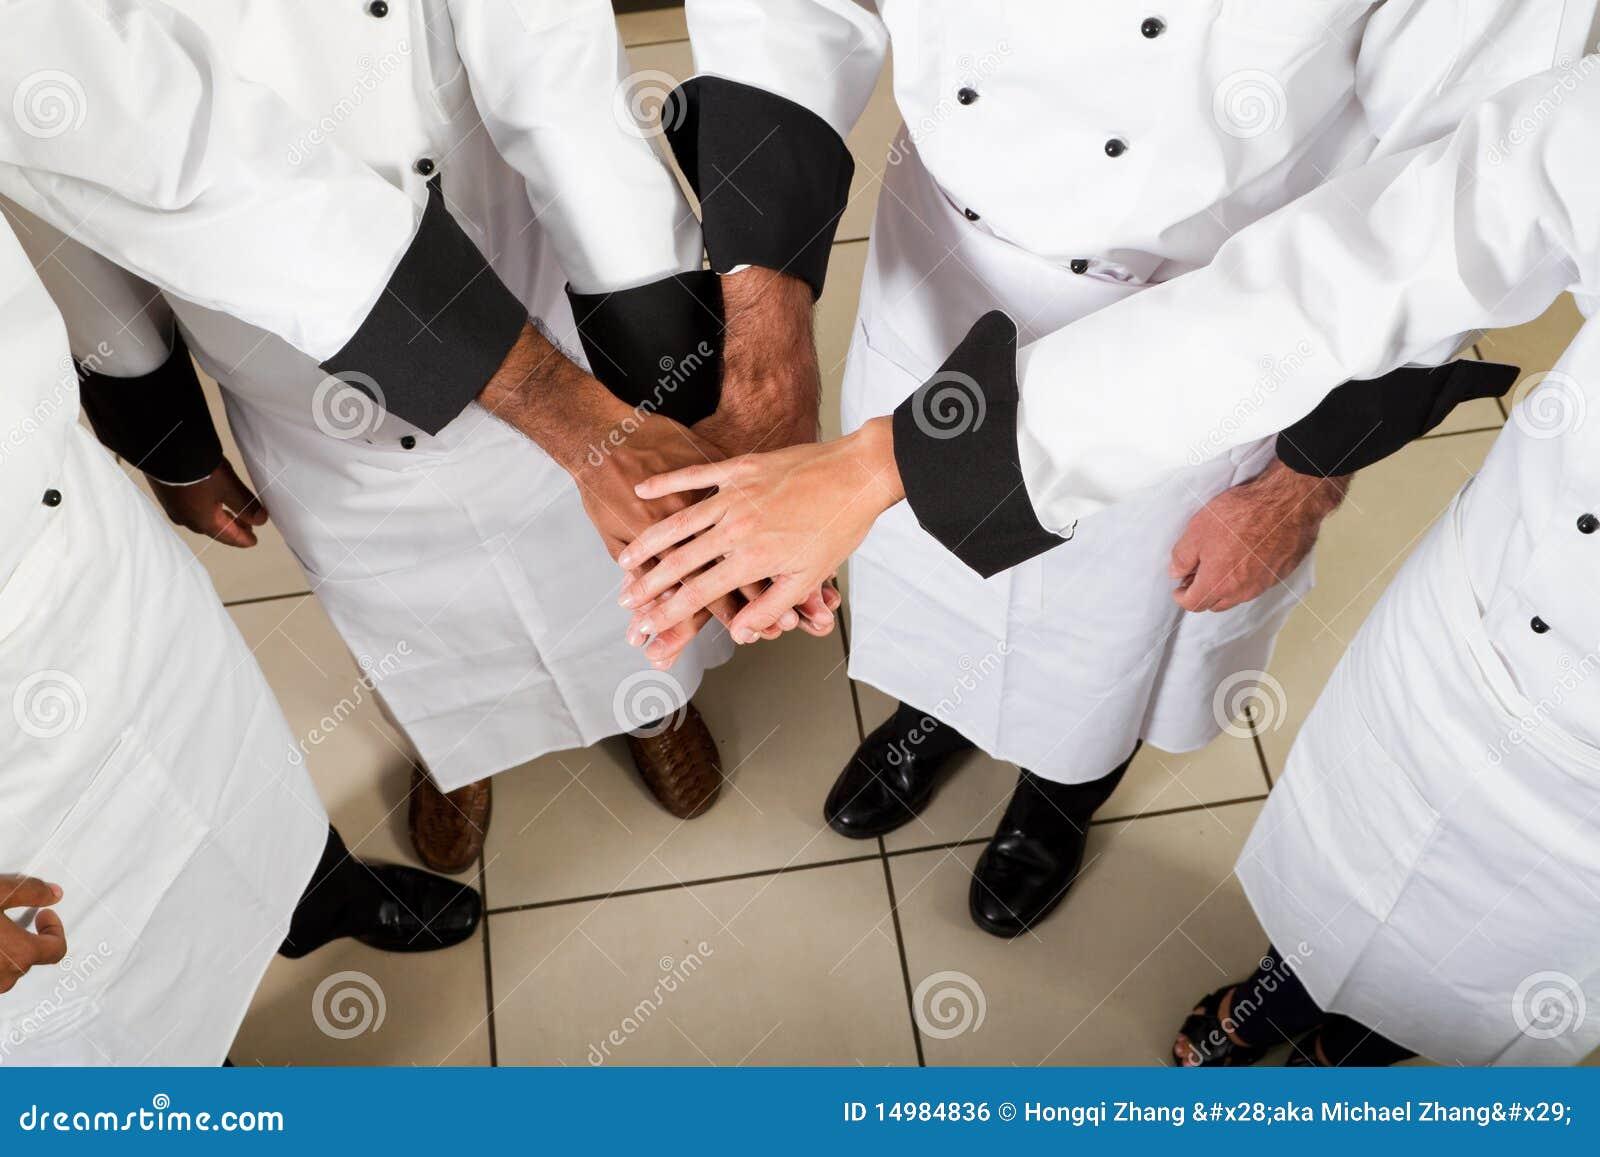 Trabajo en equipo del cocinero imagen de archivo libre de for Trabajo cocina asturias